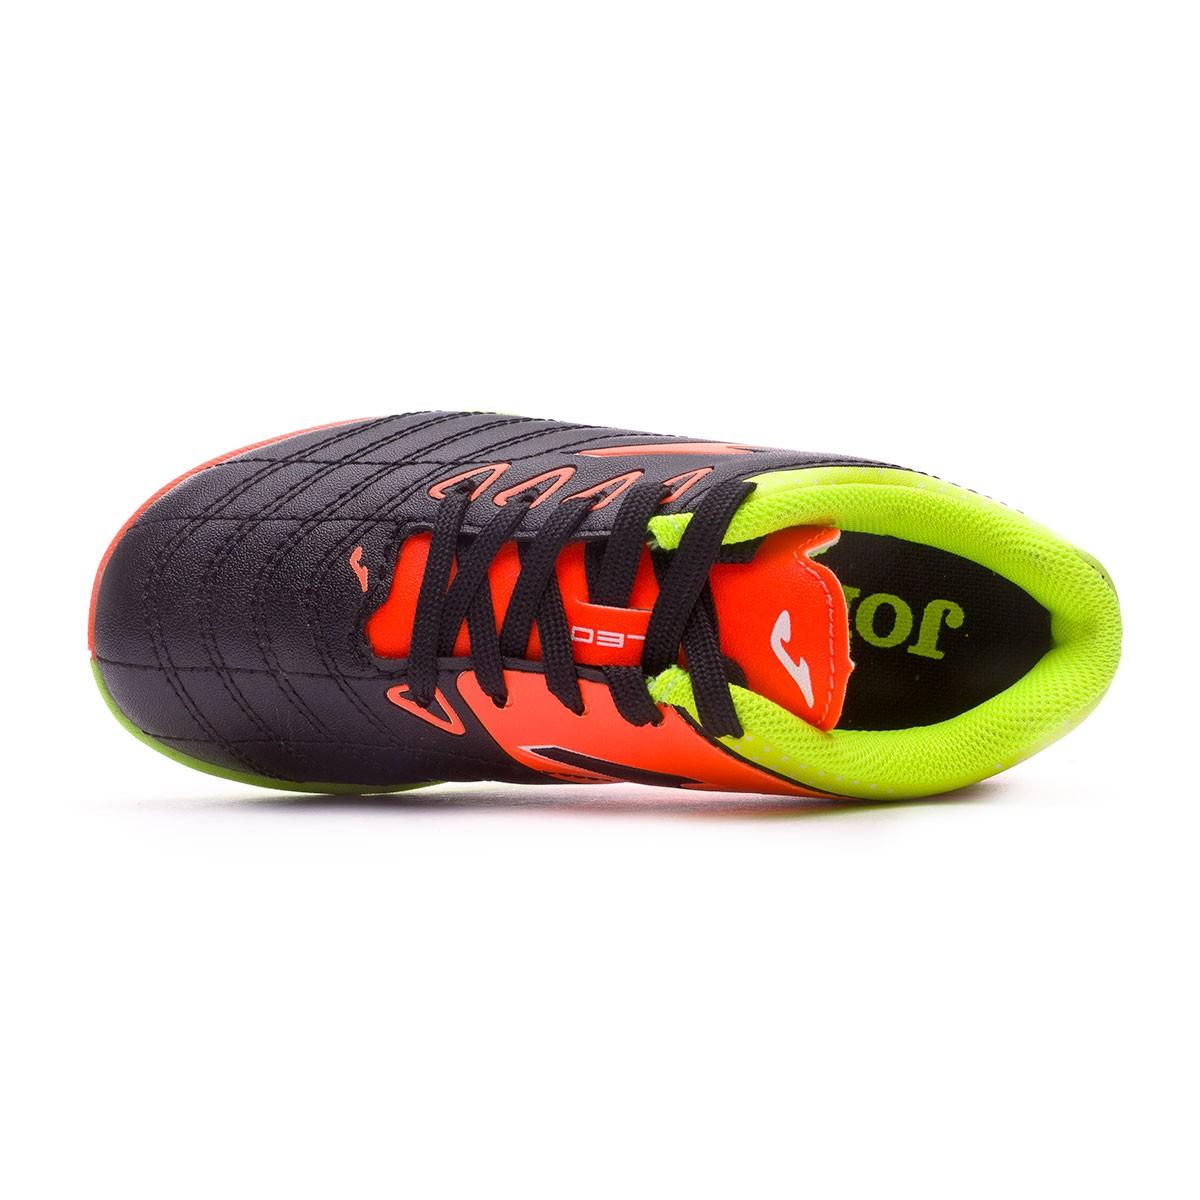 ... Zapatilla Toledo Turf Niño Negro. CATEGORY. Football boots · Joma Boots 0d59600344d46